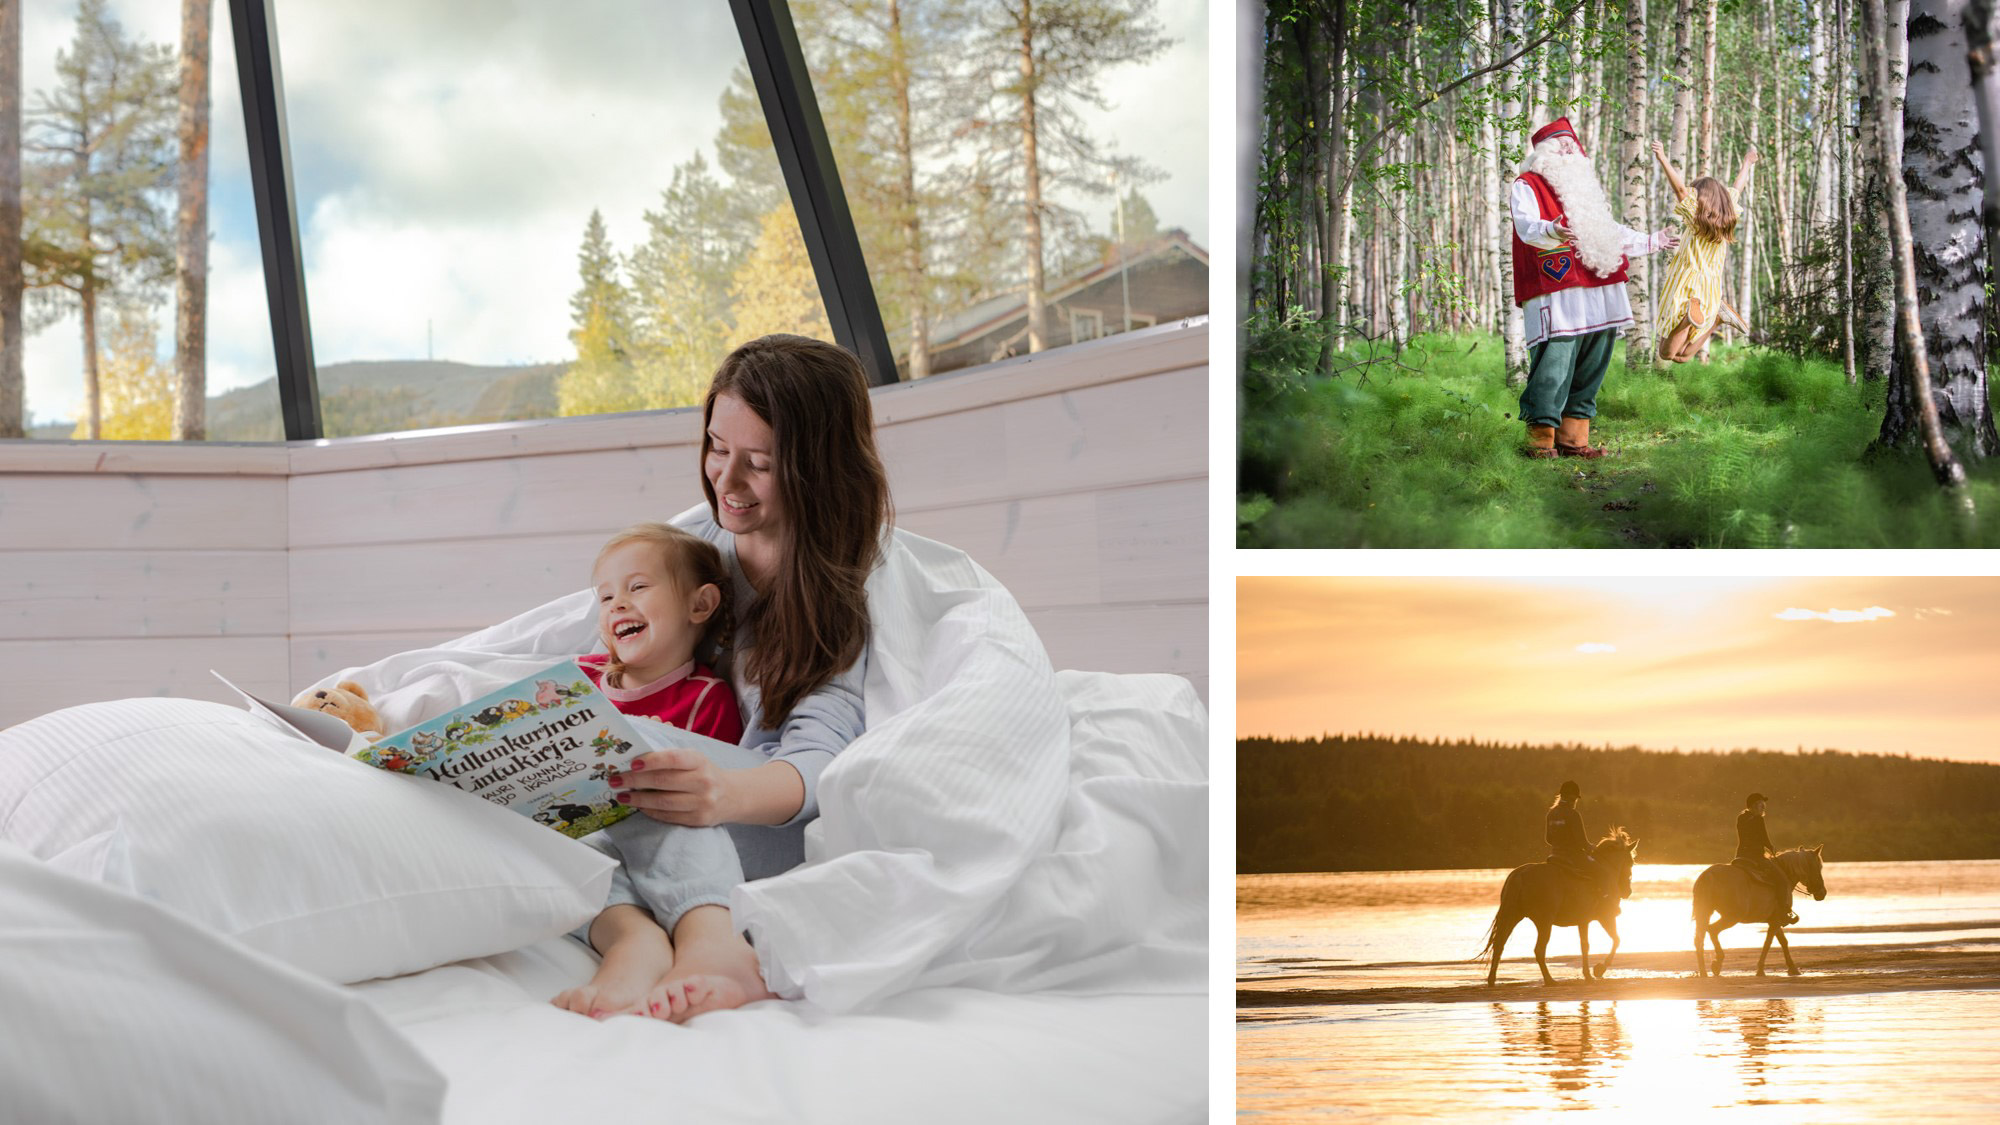 Aurinkomatkat pakettimatkat Lappi kesä 2021 Rovaniemi (1)